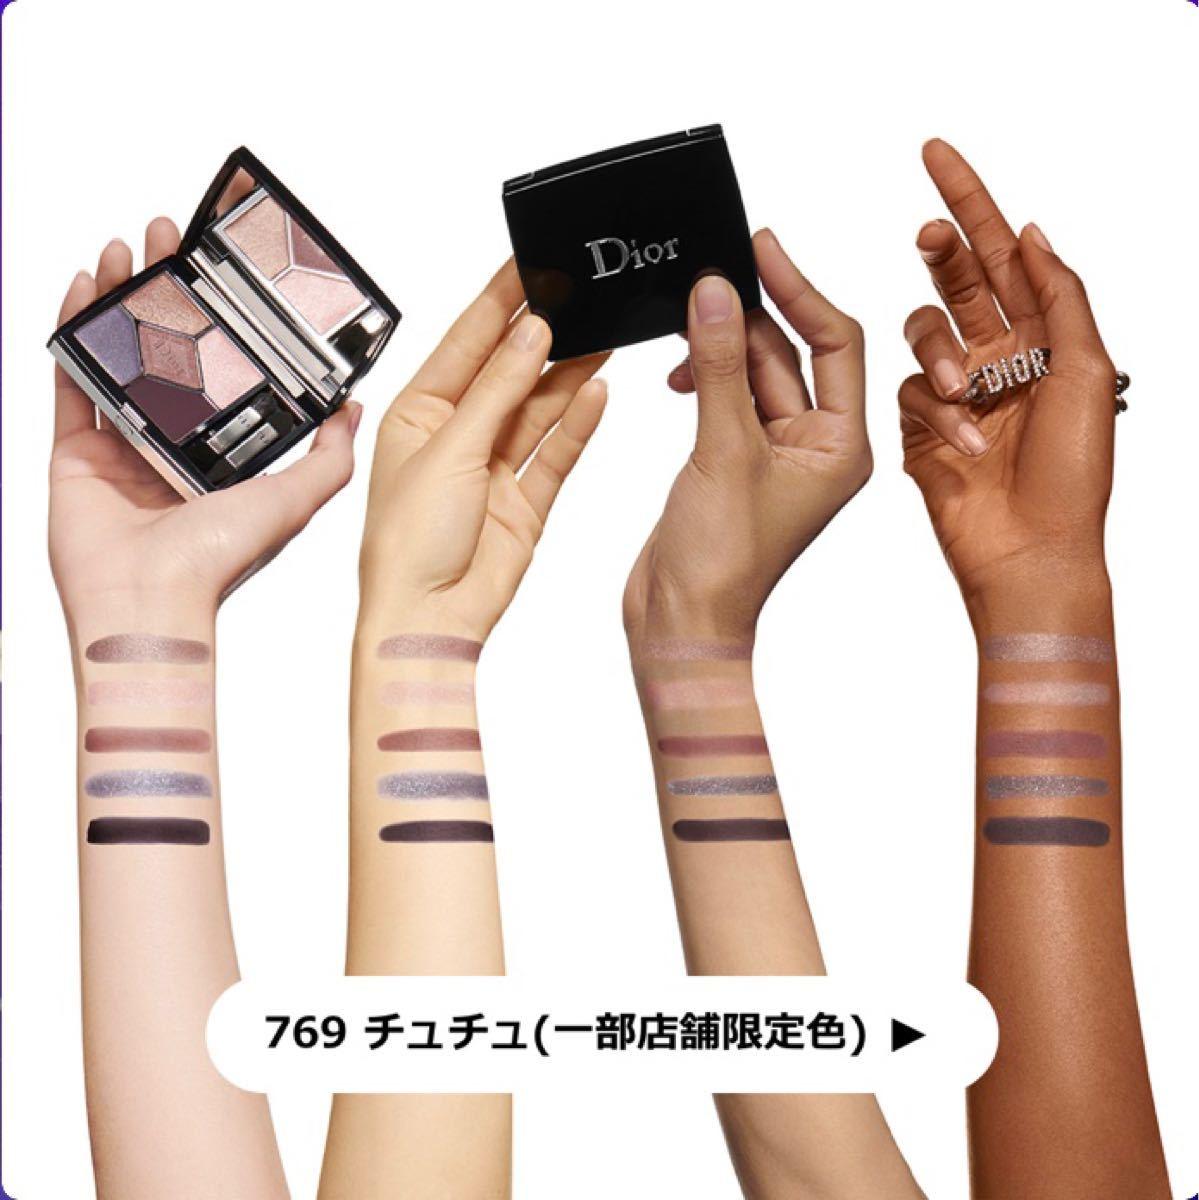 ディオール サンク クルール  769チュチュ 1部店舗限定色